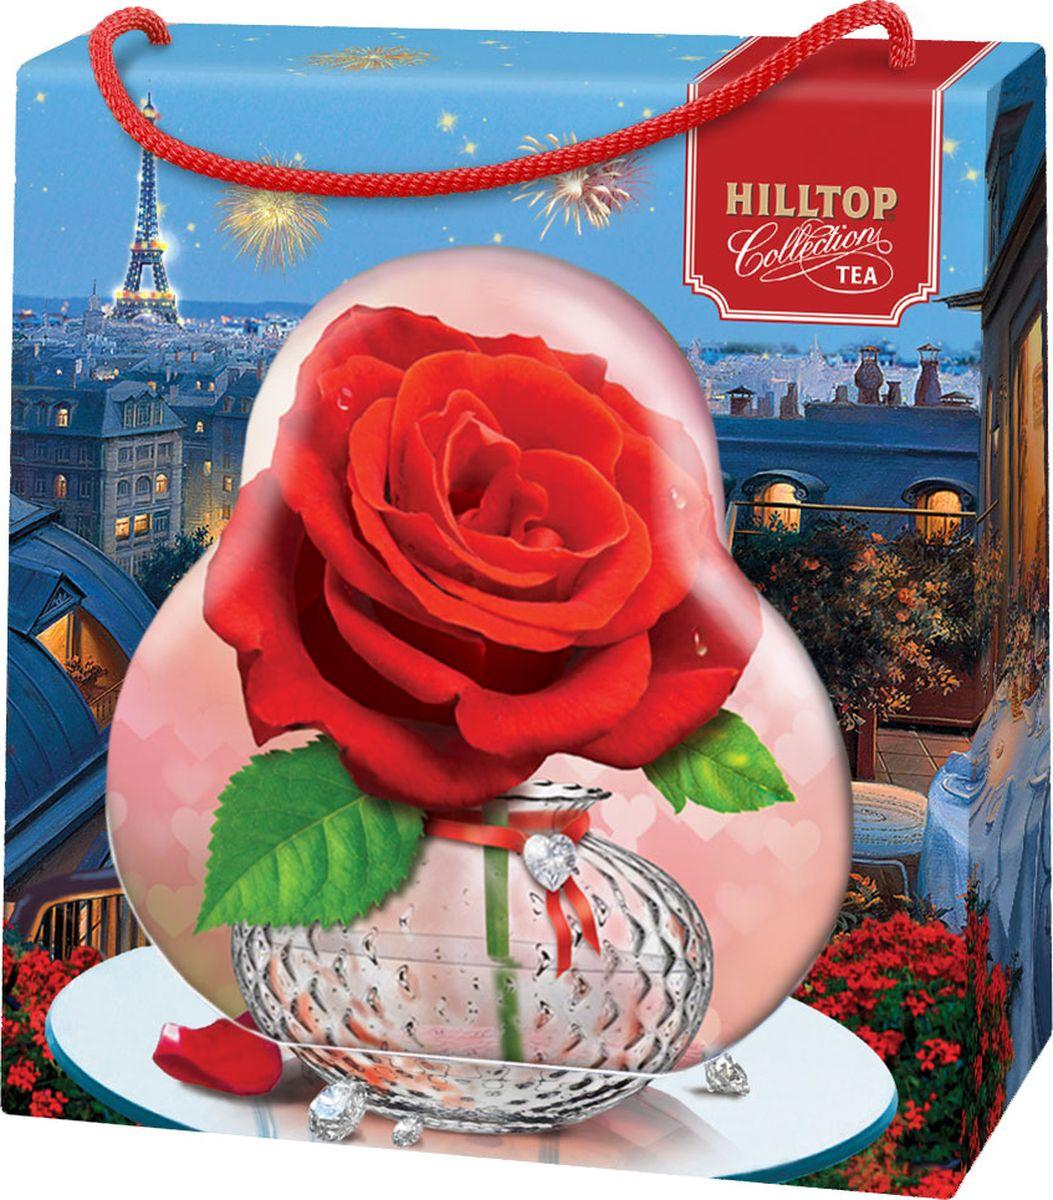 Hilltop Роза чай листовой королевское золото, 50 г hilltop люблю листовой чай молочный оолонг 50 г